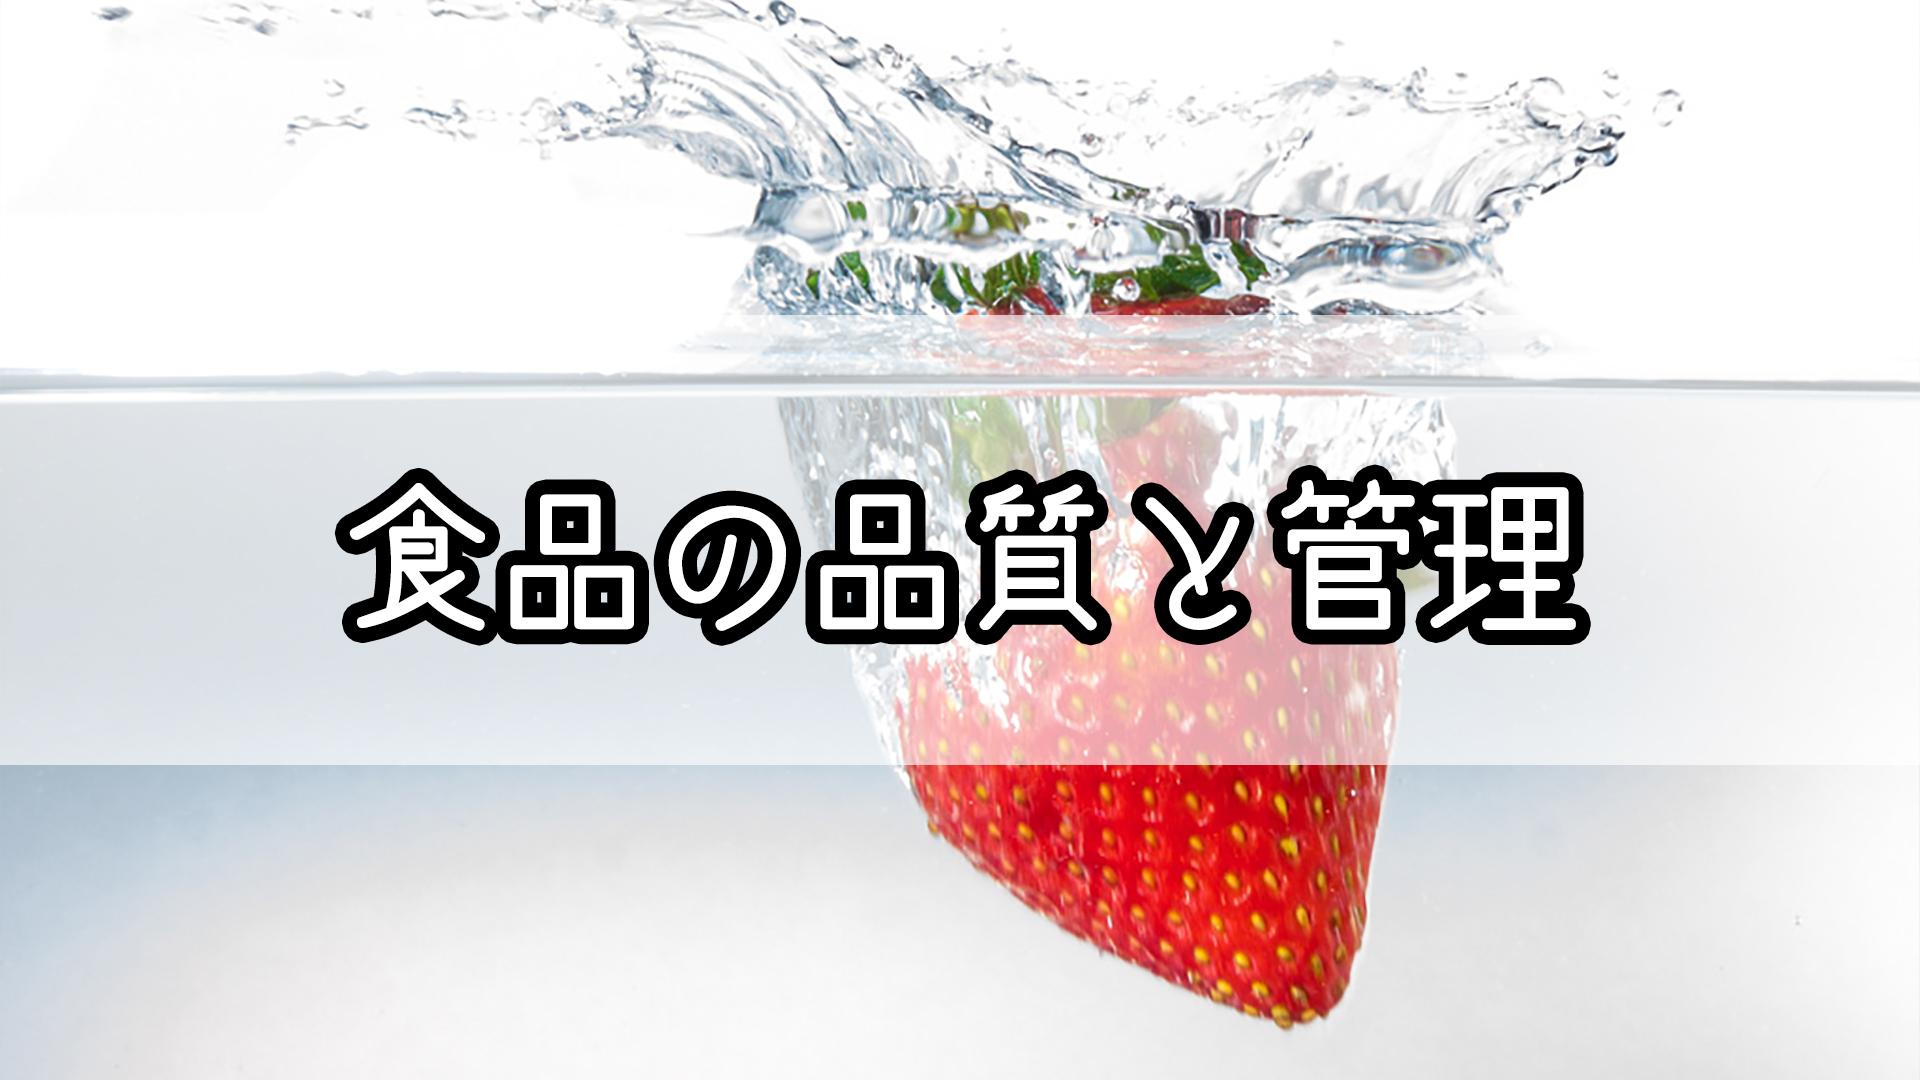 『食品の品質と管理』のゴロ・覚え方